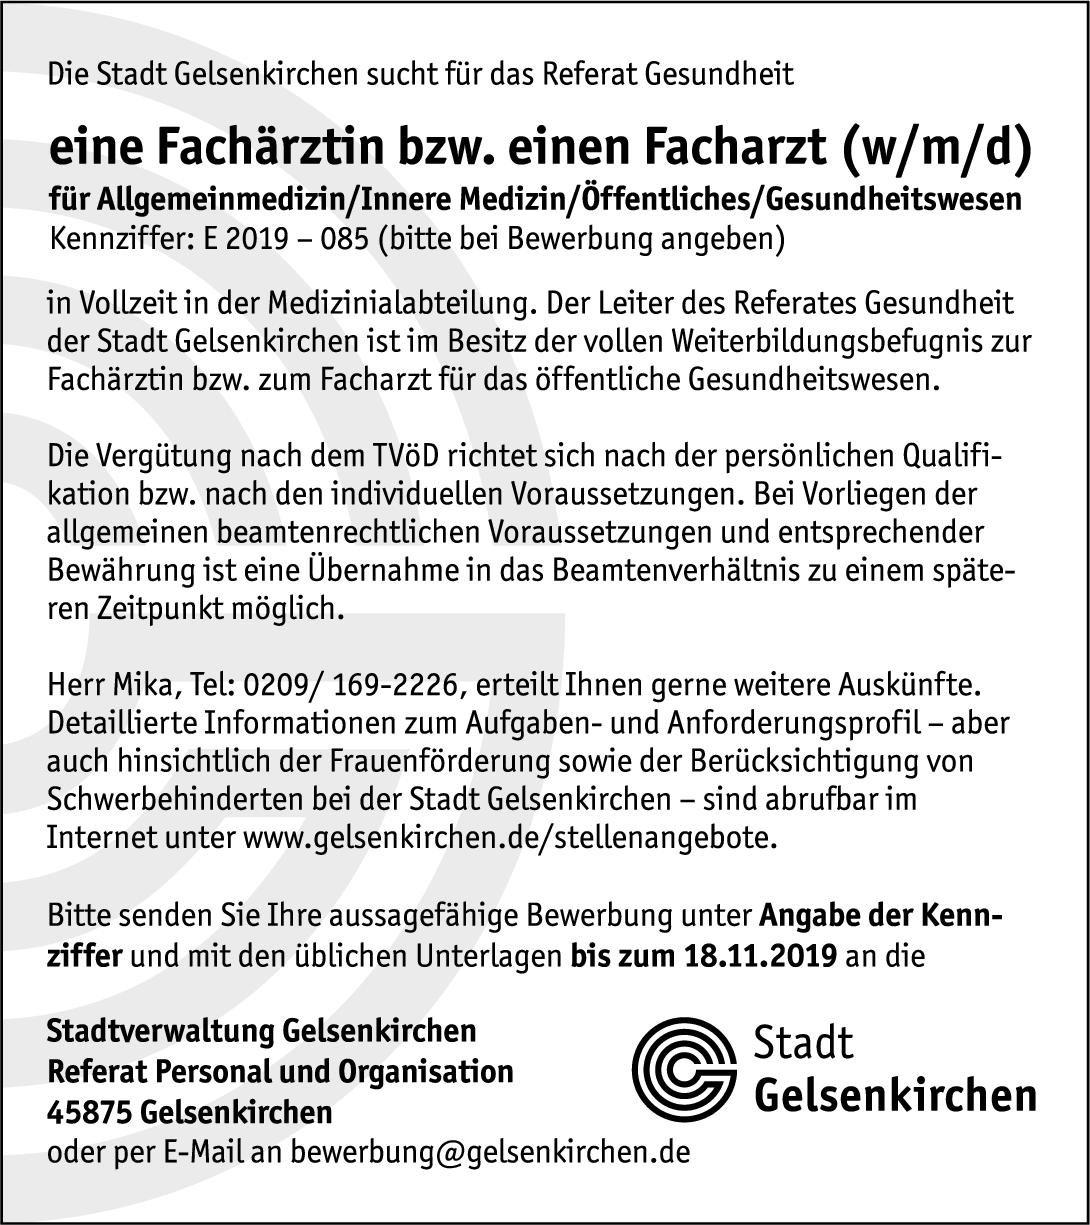 Stadtverwaltung Gelsenkirchen Fachärztin/Facharzt (w/m/d) für Allgemeinmedizin / Innere Medizin / Öffentliches Gesundheitswesen  Innere Medizin, Allgemeinmedizin, Innere Medizin Arzt / Facharzt